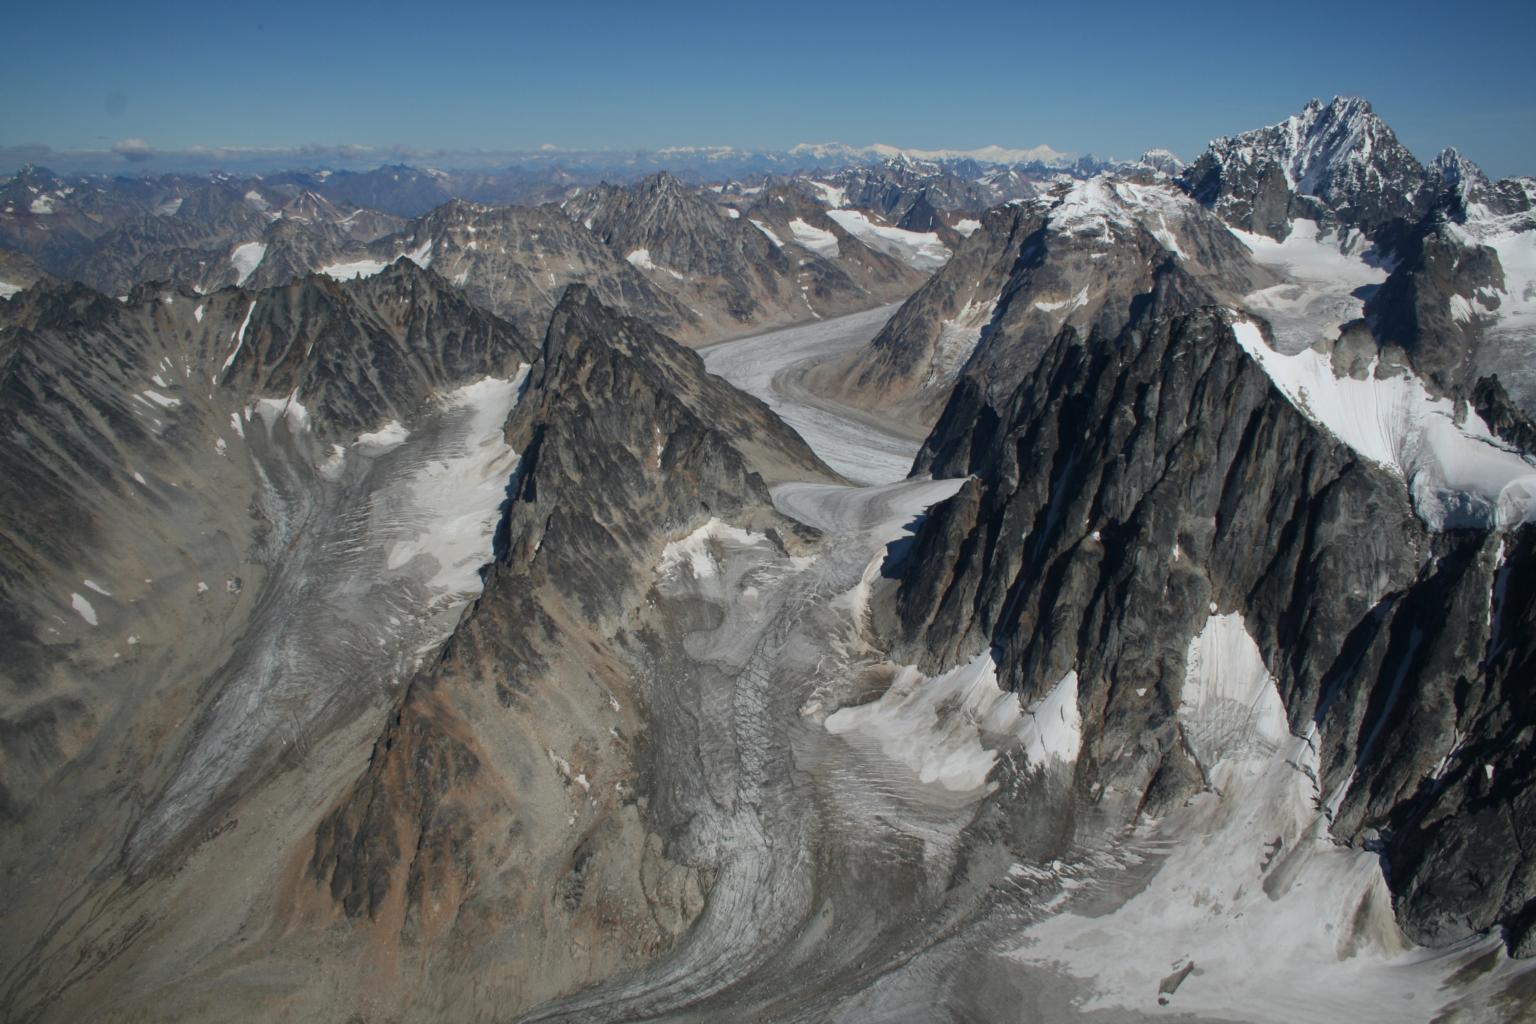 Alaska, United States